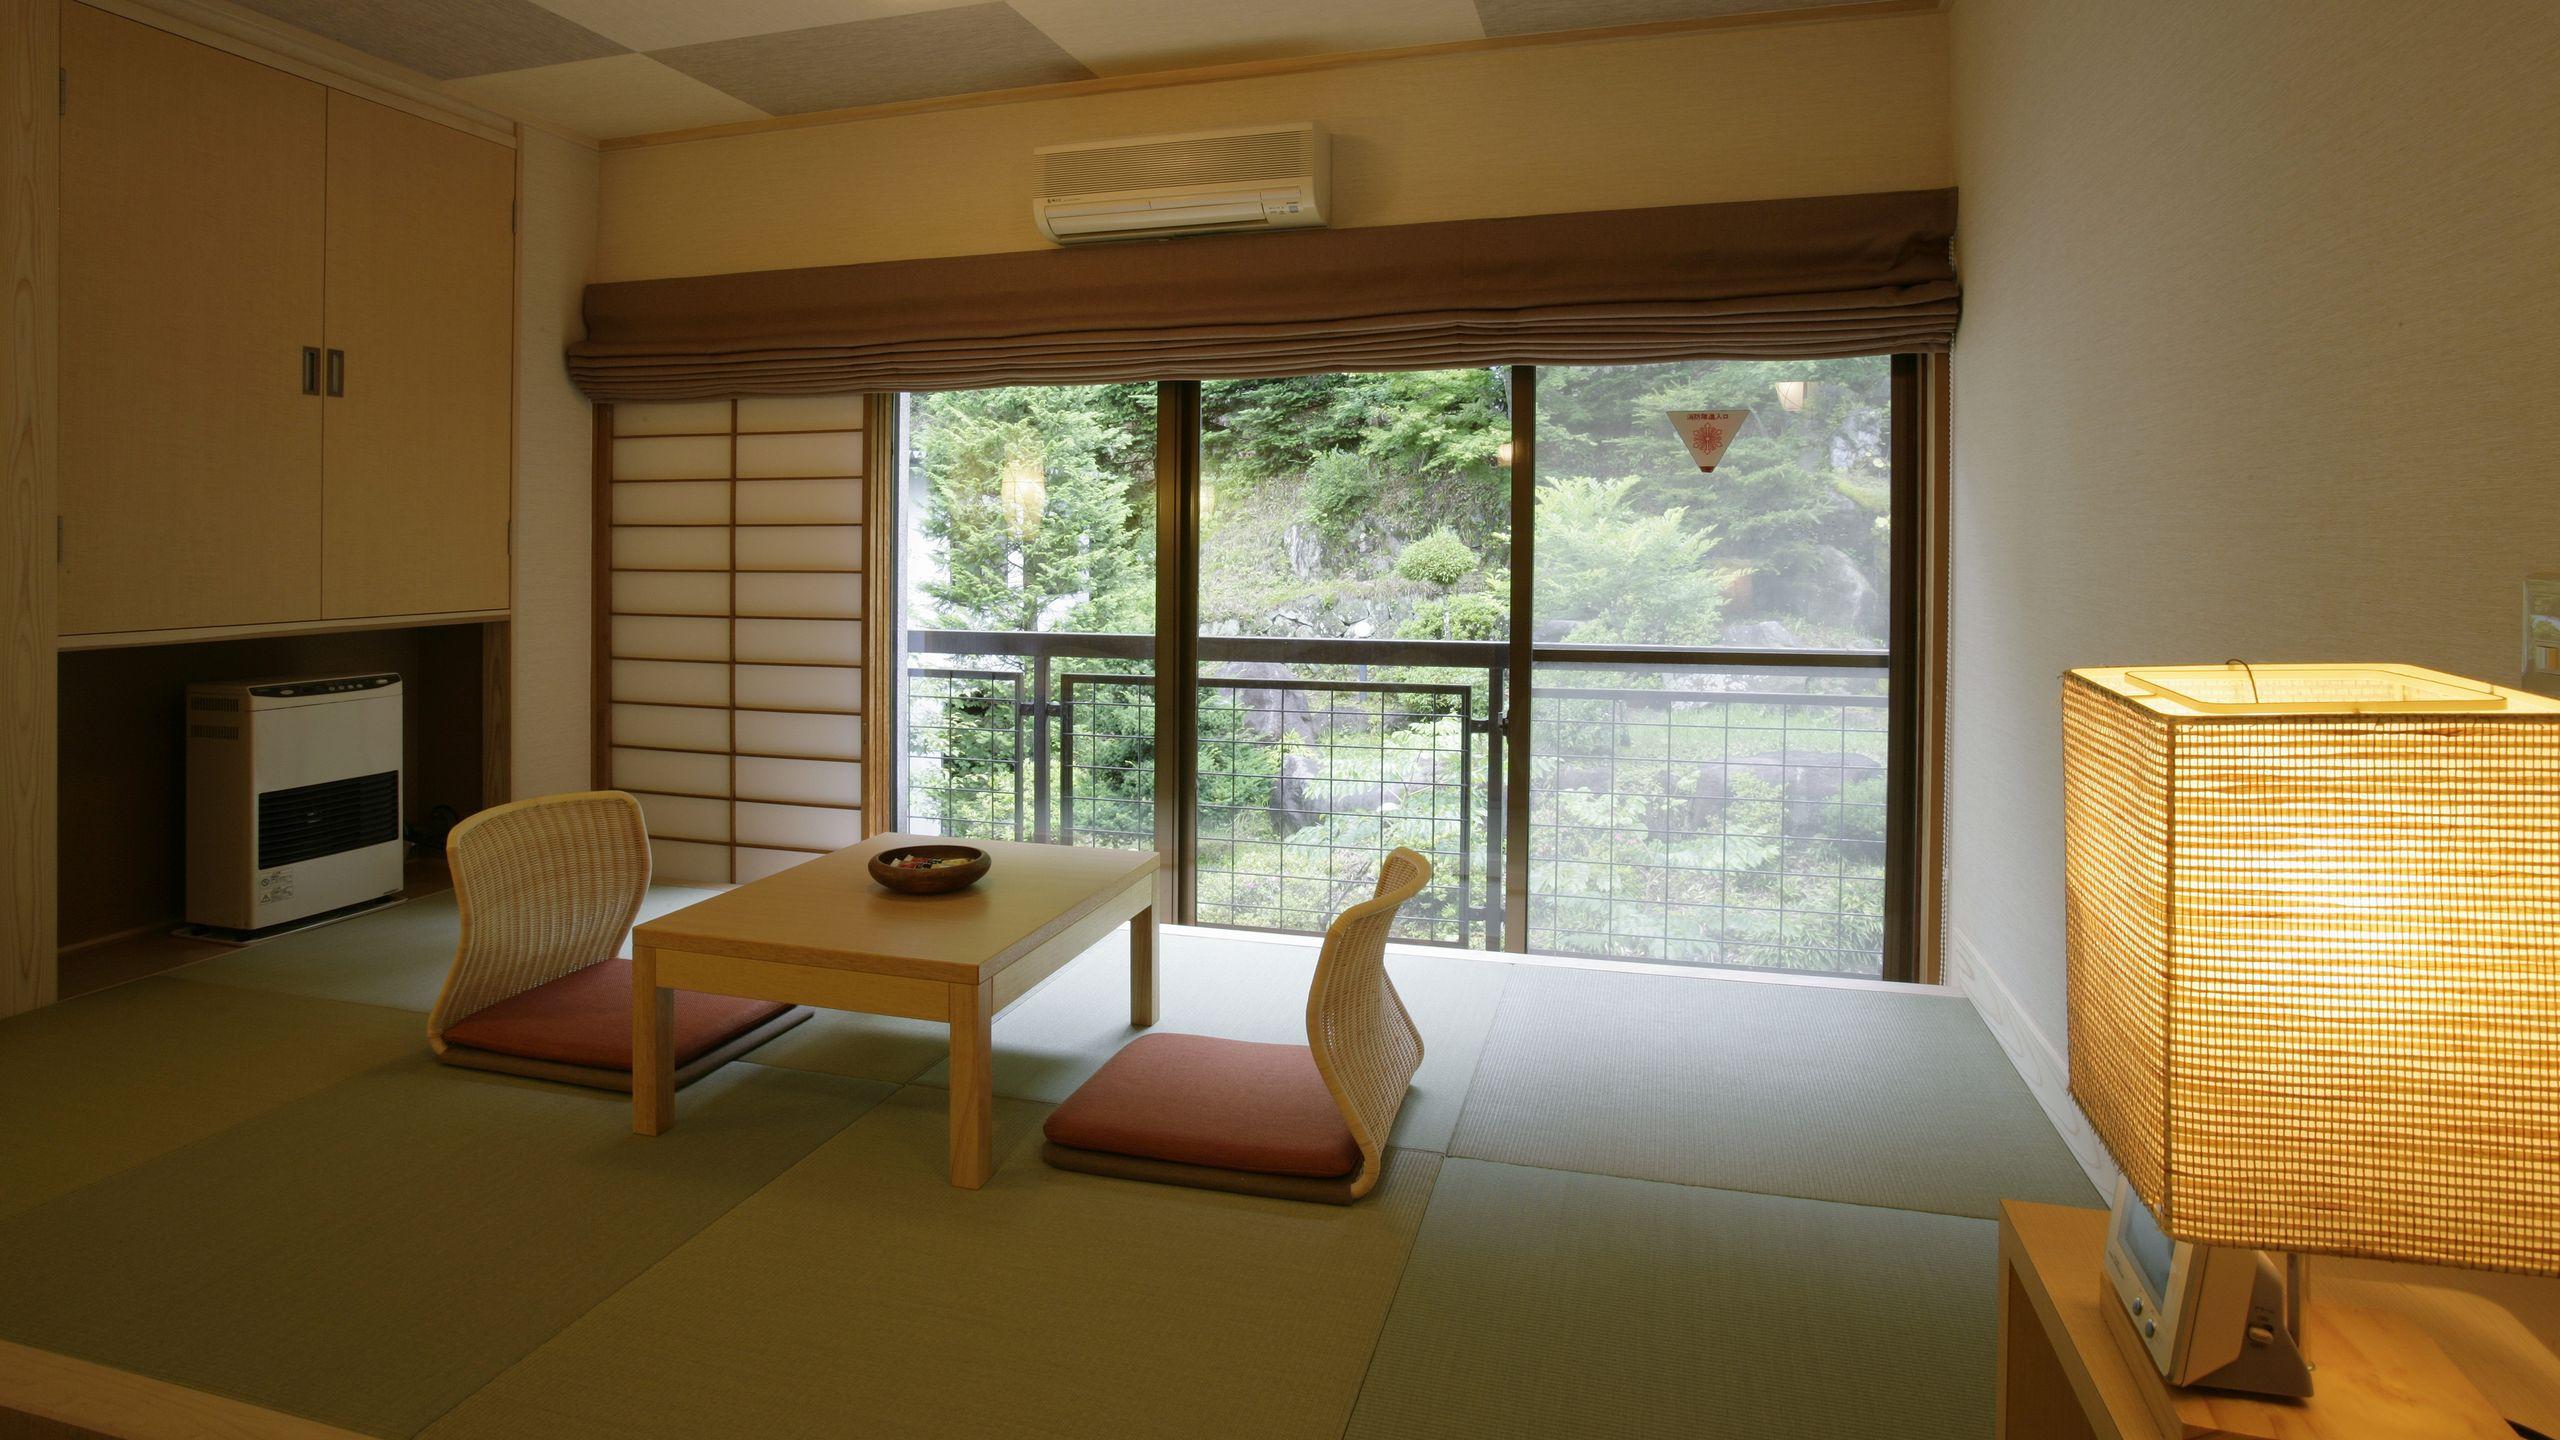 【部屋】4階リニューアル客室 和洋室タイプ(小上がり座敷)